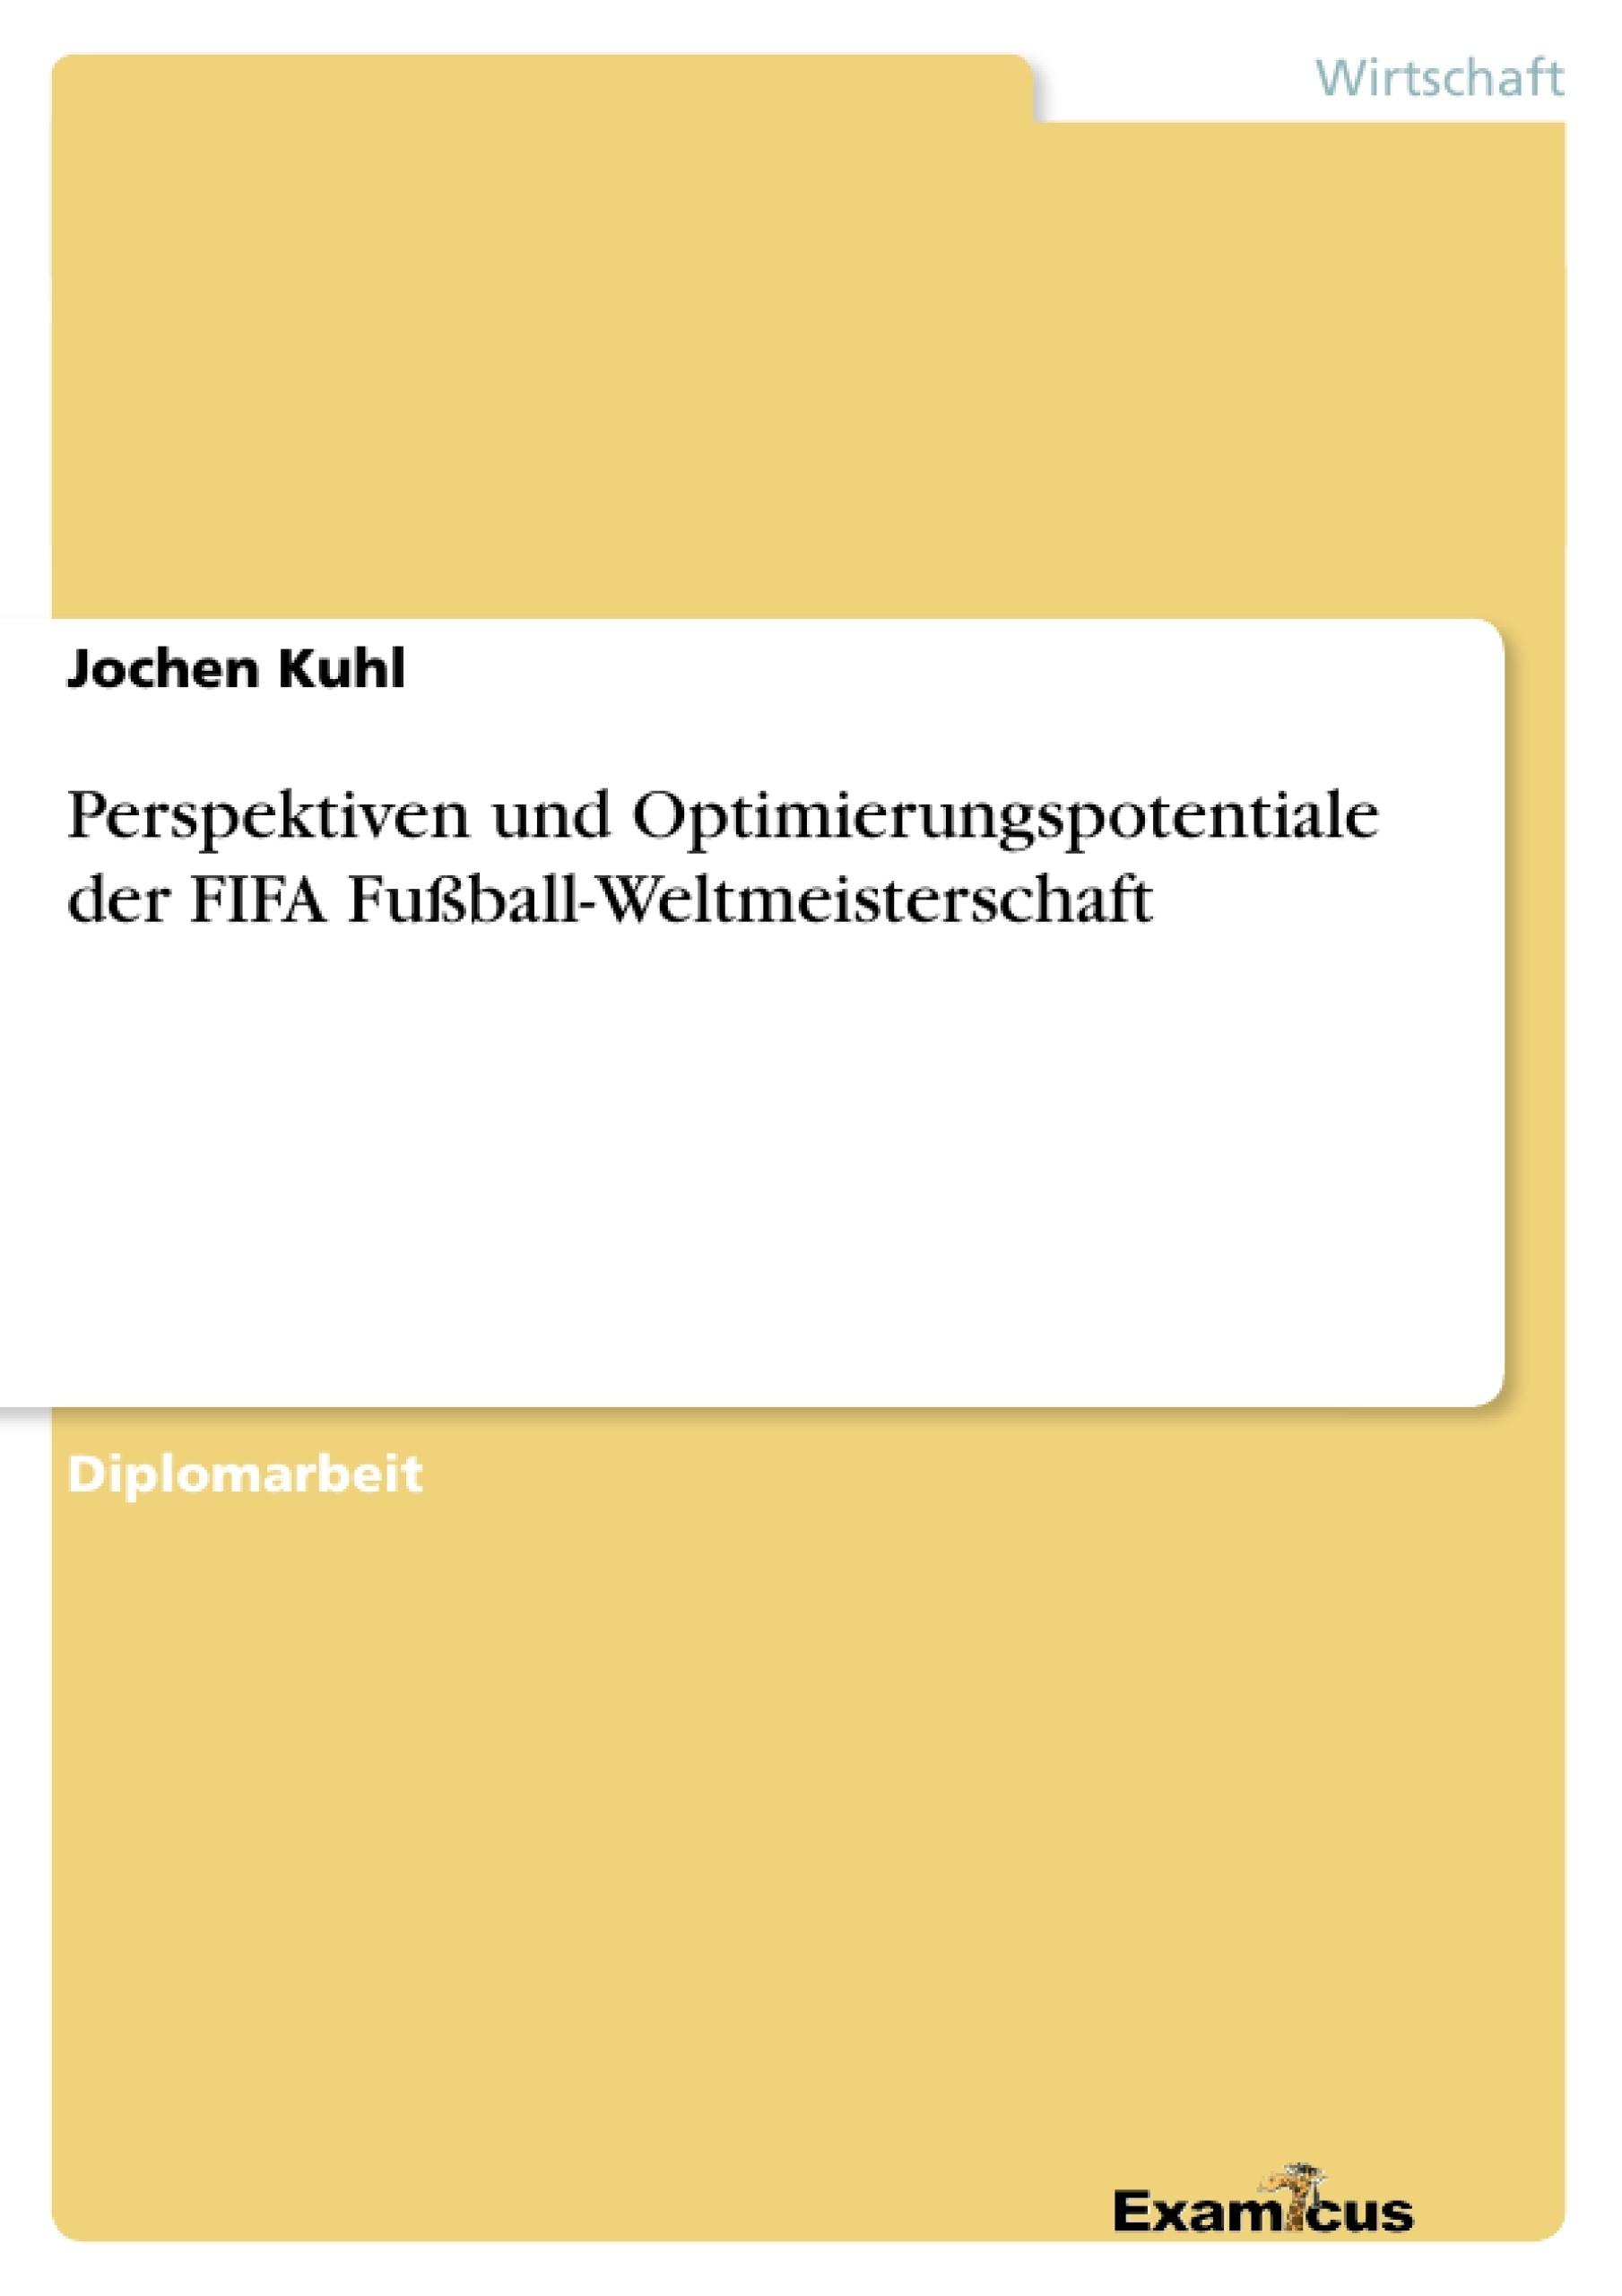 Titel: Perspektiven und Optimierungspotentiale der FIFA Fußball-Weltmeisterschaft